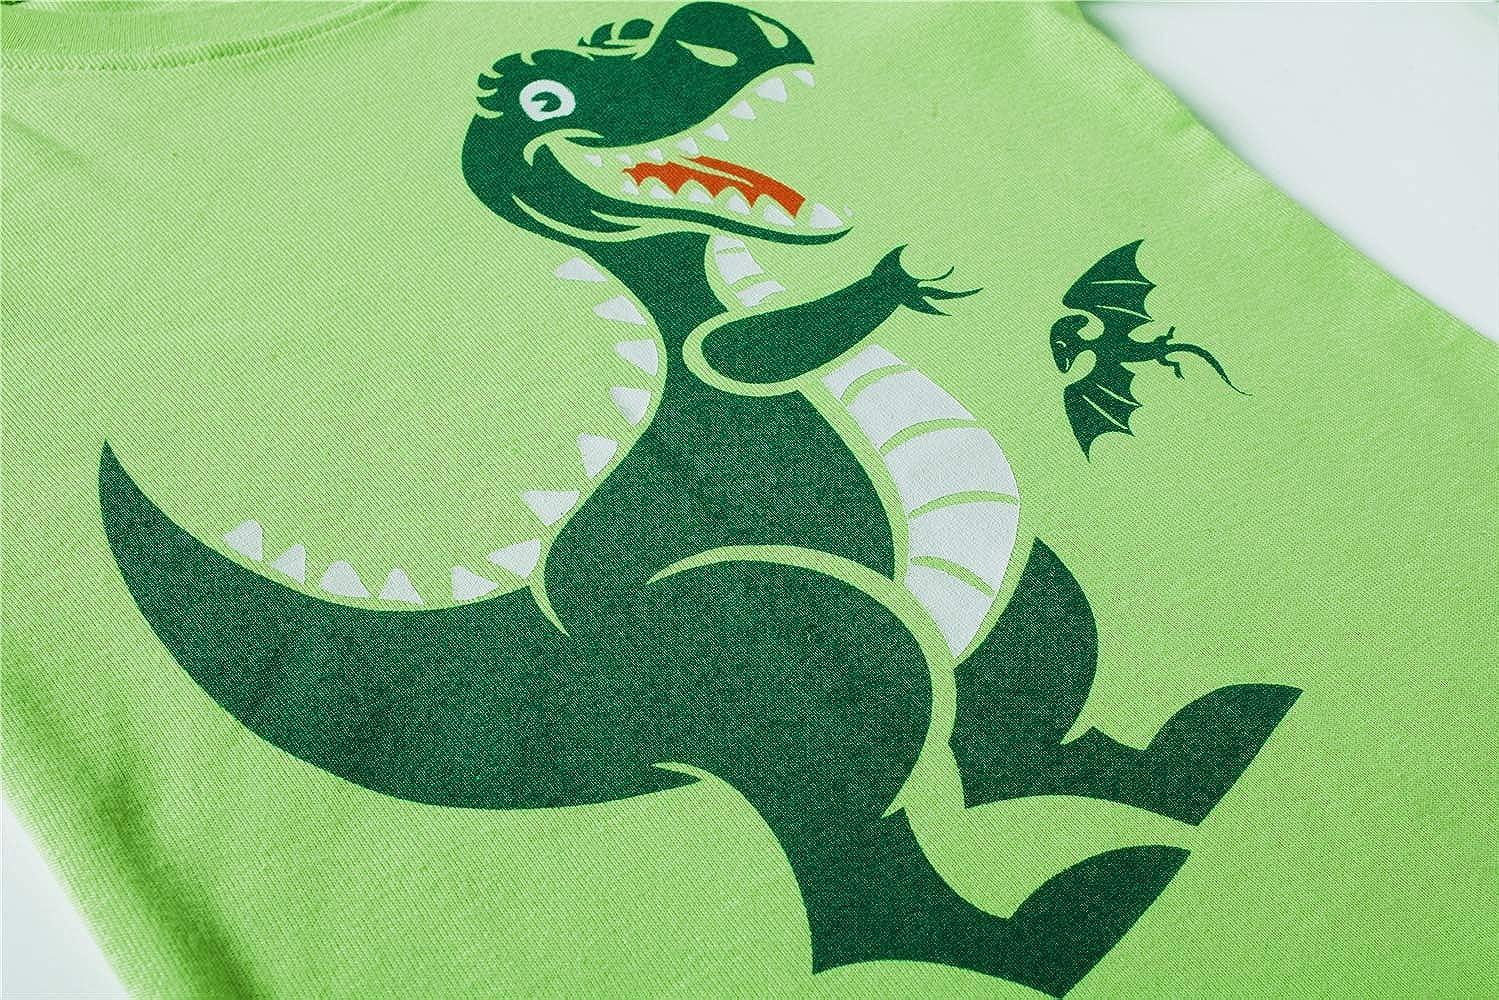 MOSCARE 100/% Cotone 2 Pezzi Pigiama per Bambini con Dinosauri